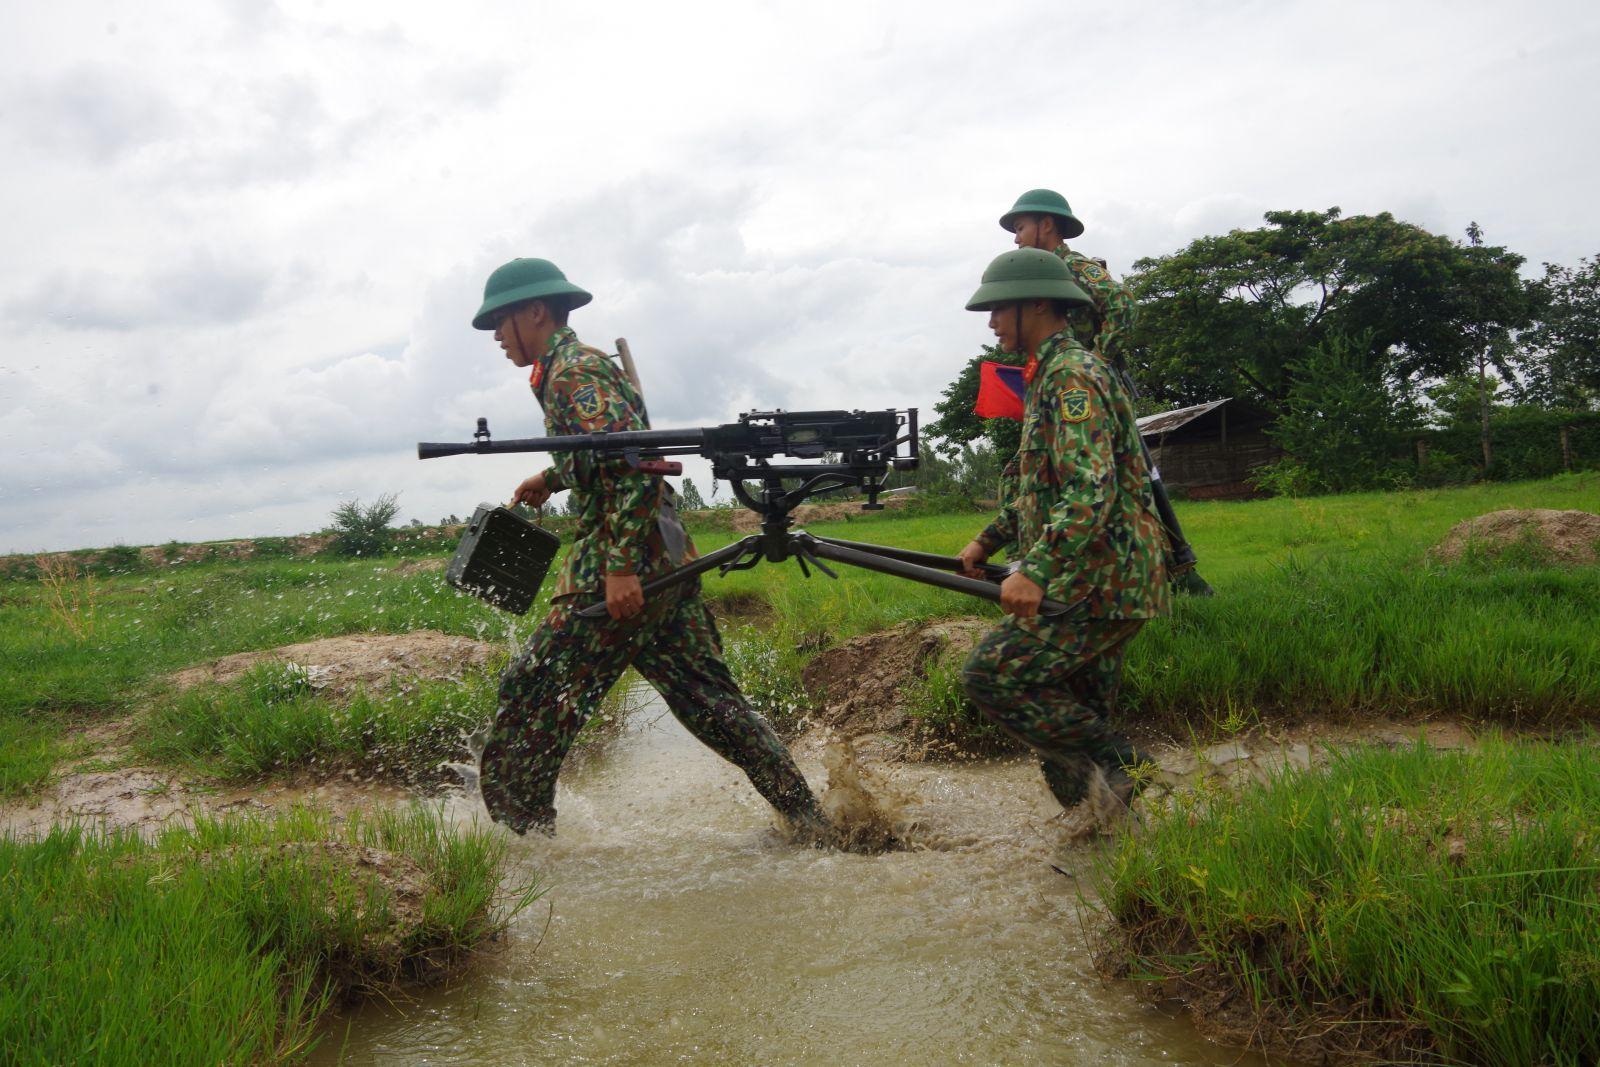 Bộ đội cơ động đến vị trí chiến đấu trong thực hành huấn luyện